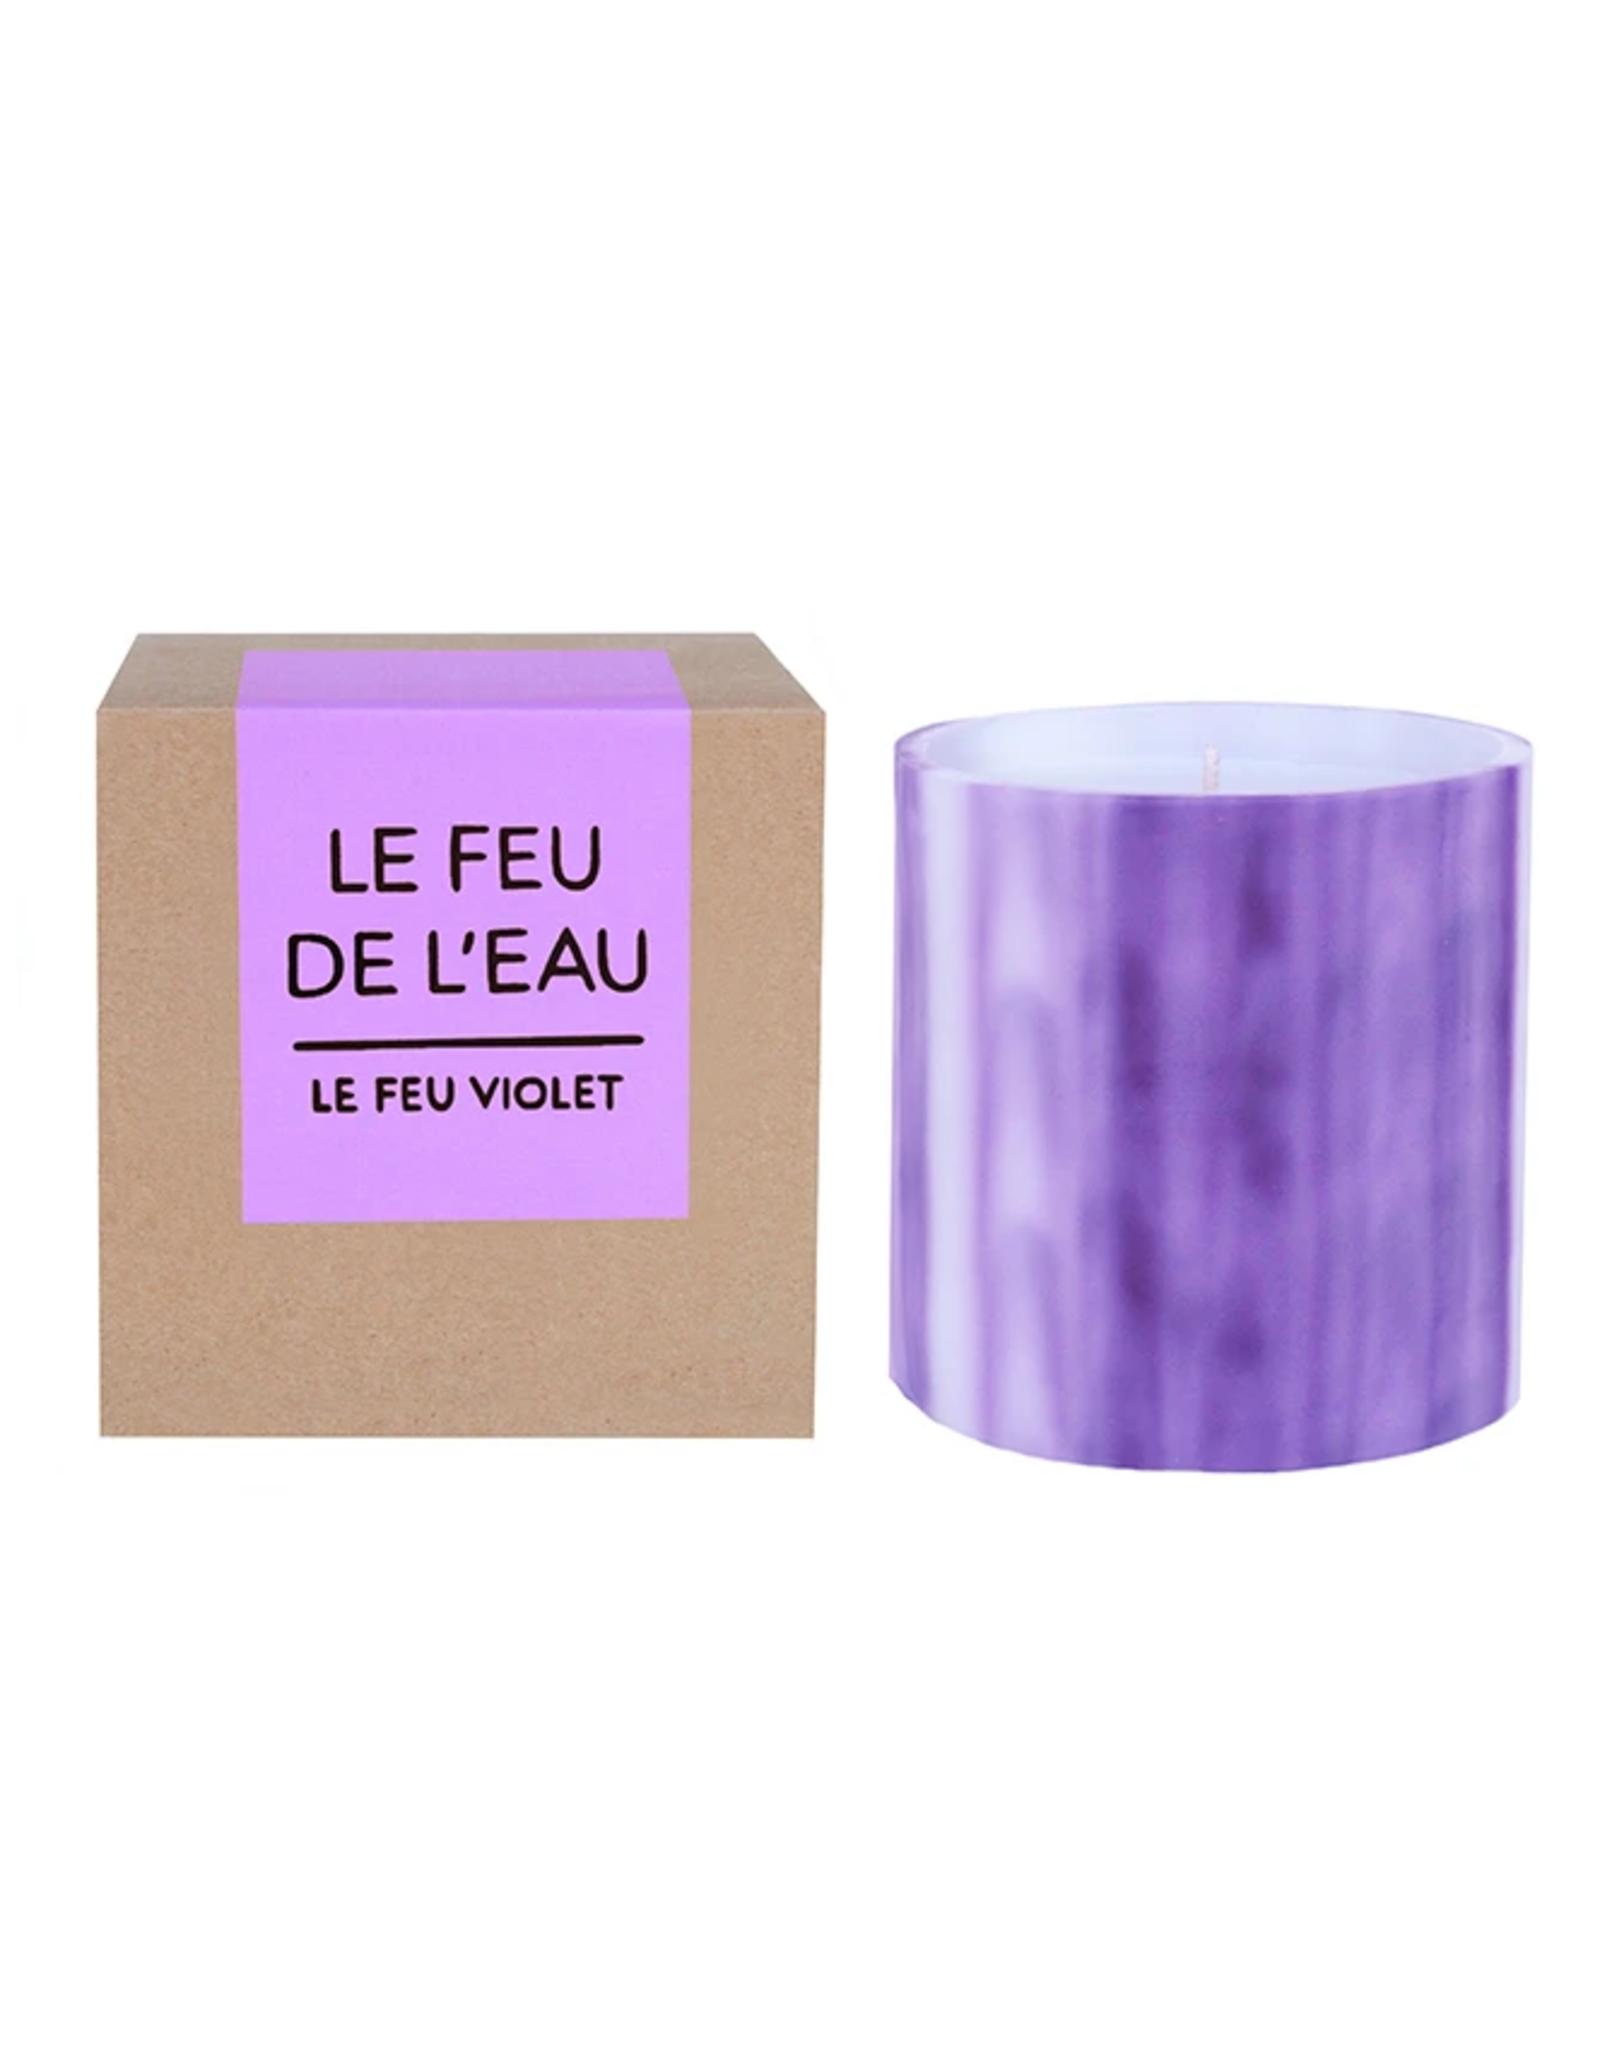 Le Feu De L'Eau Le Feu Violet Candle